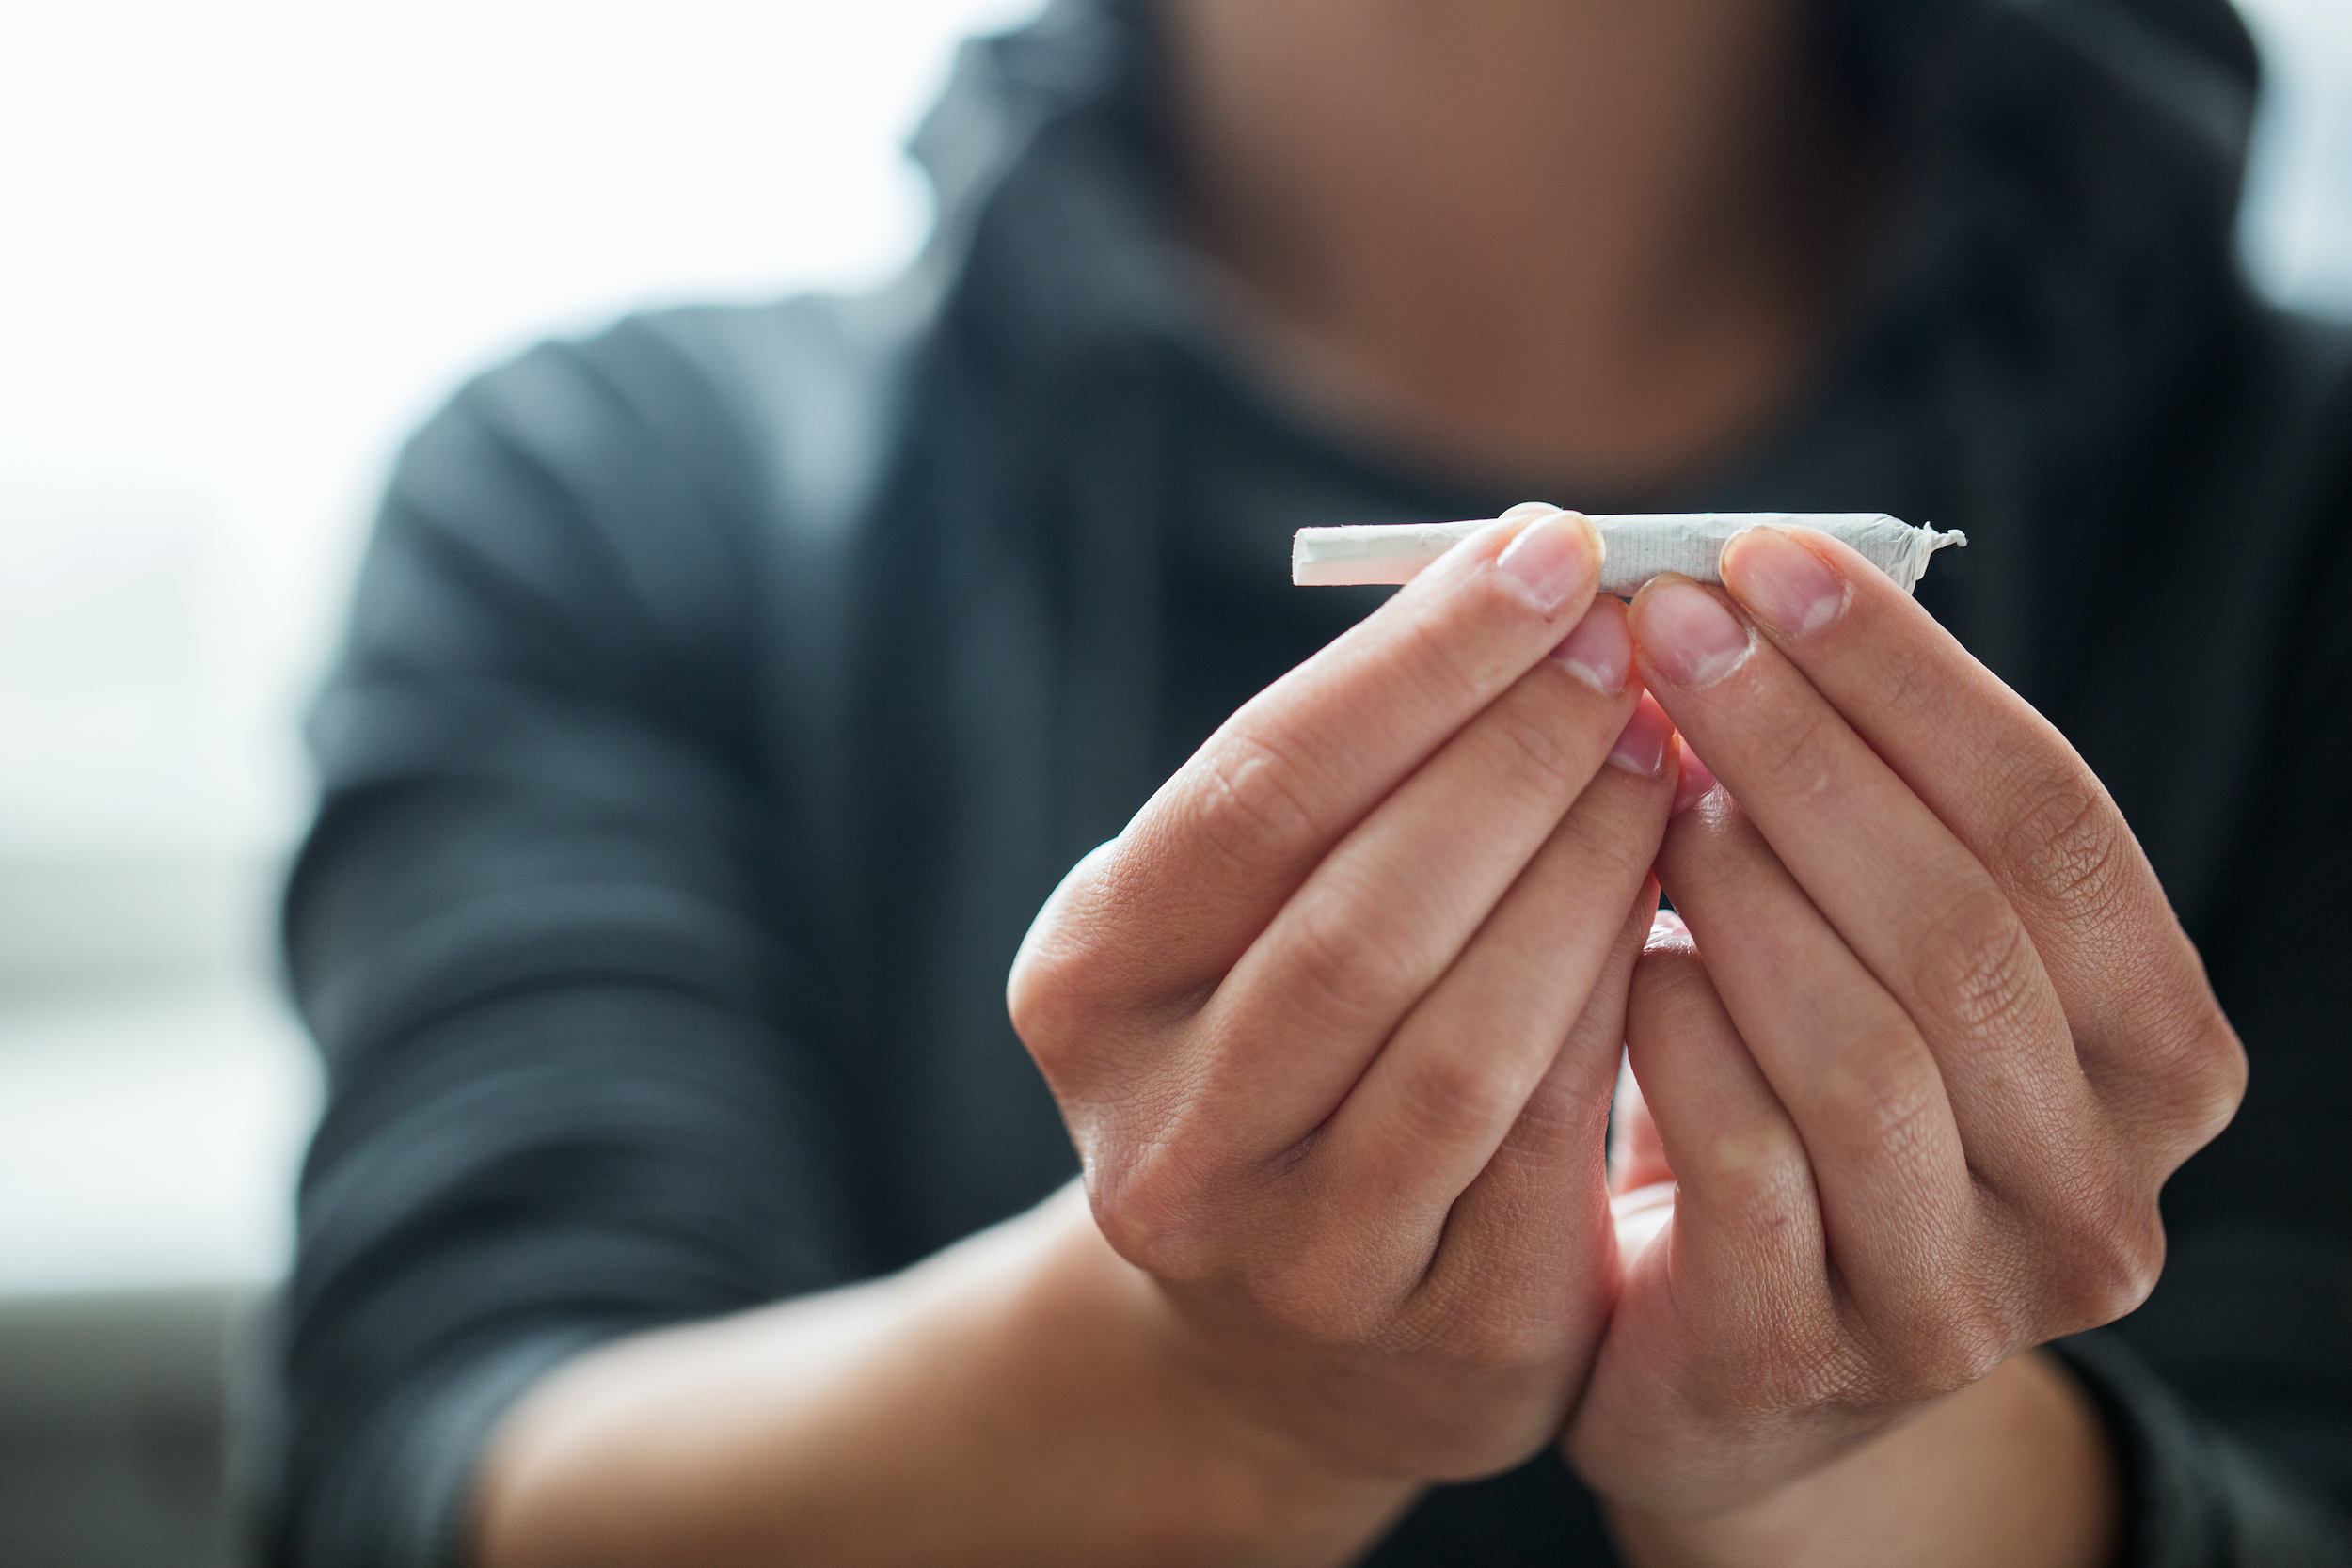 Buďte opatrní s přímým obviňováním, konfrontací případně skrytou kontrolou. Důsledkem takových kroků bývá ztráta důvěry ve vztahu s dítětem, skrývání problémů nebo vyhýbání se kontaktu s rodičem.